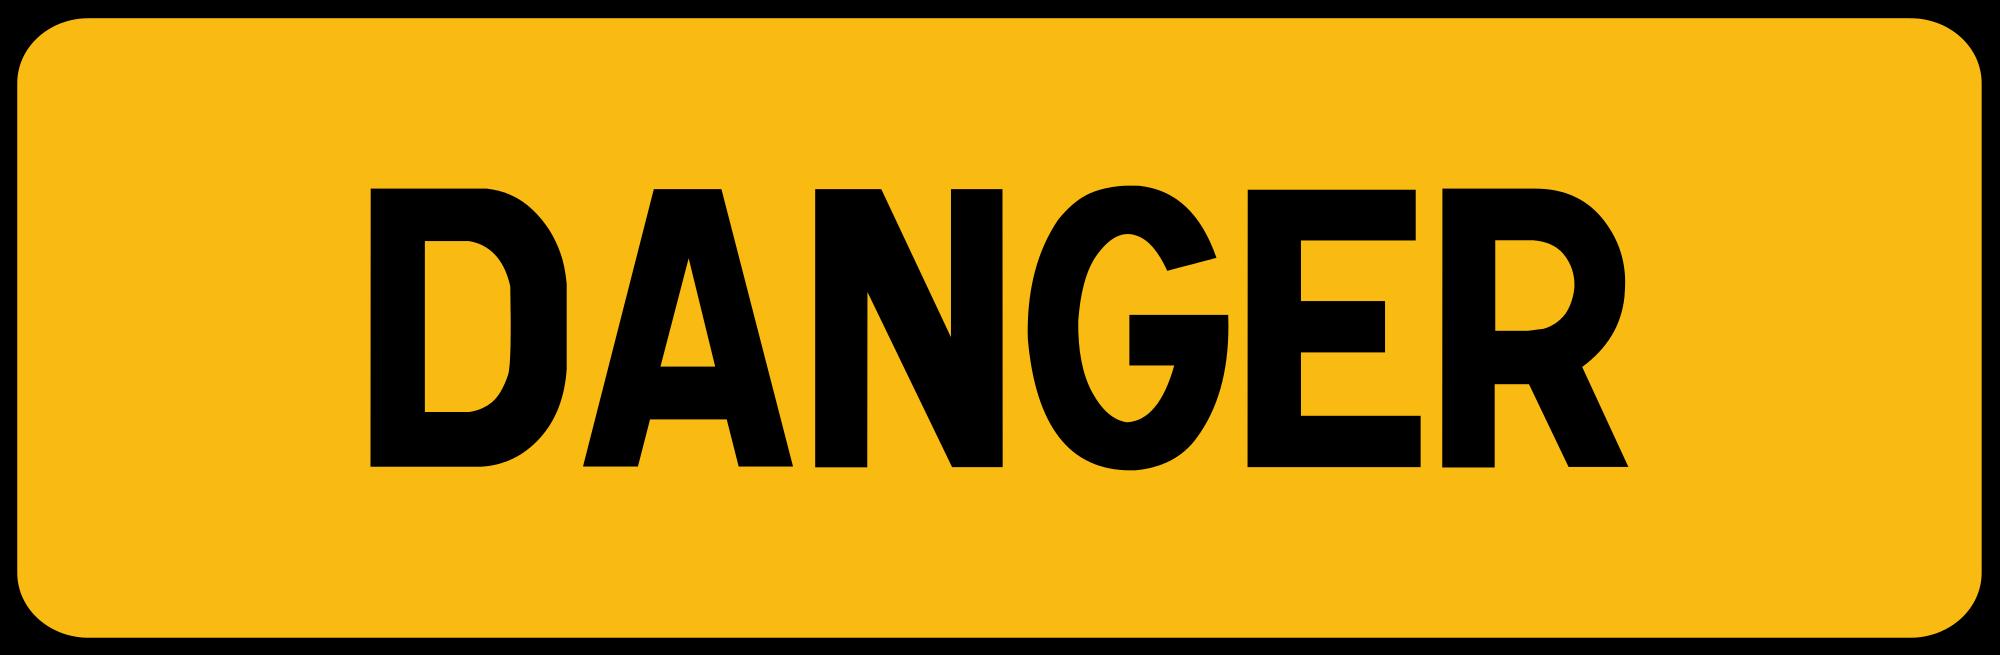 Danger svg #9, Download drawings